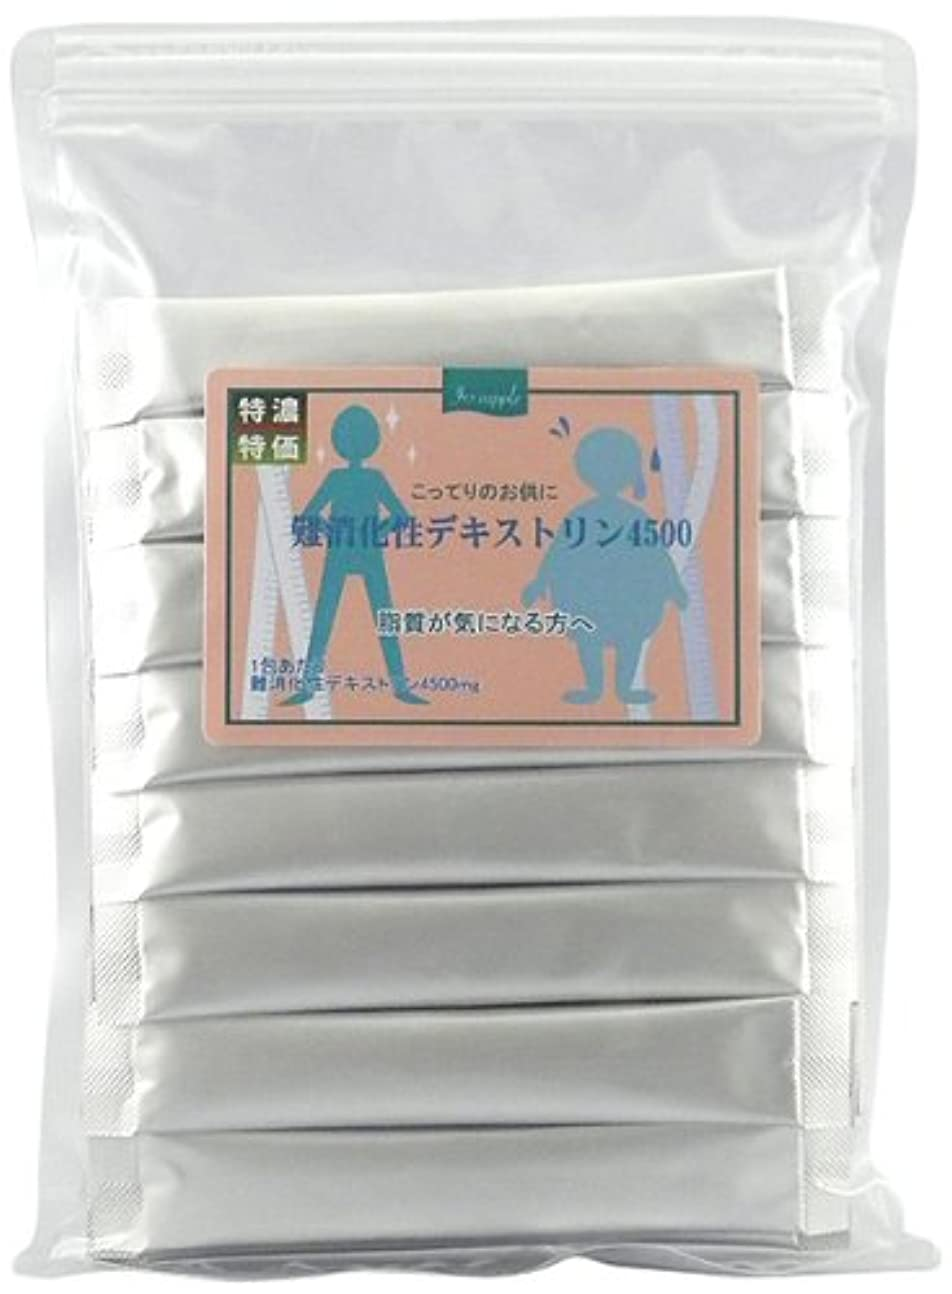 かすかなハーネスガードAIGエム 難消化性デキストリン4500